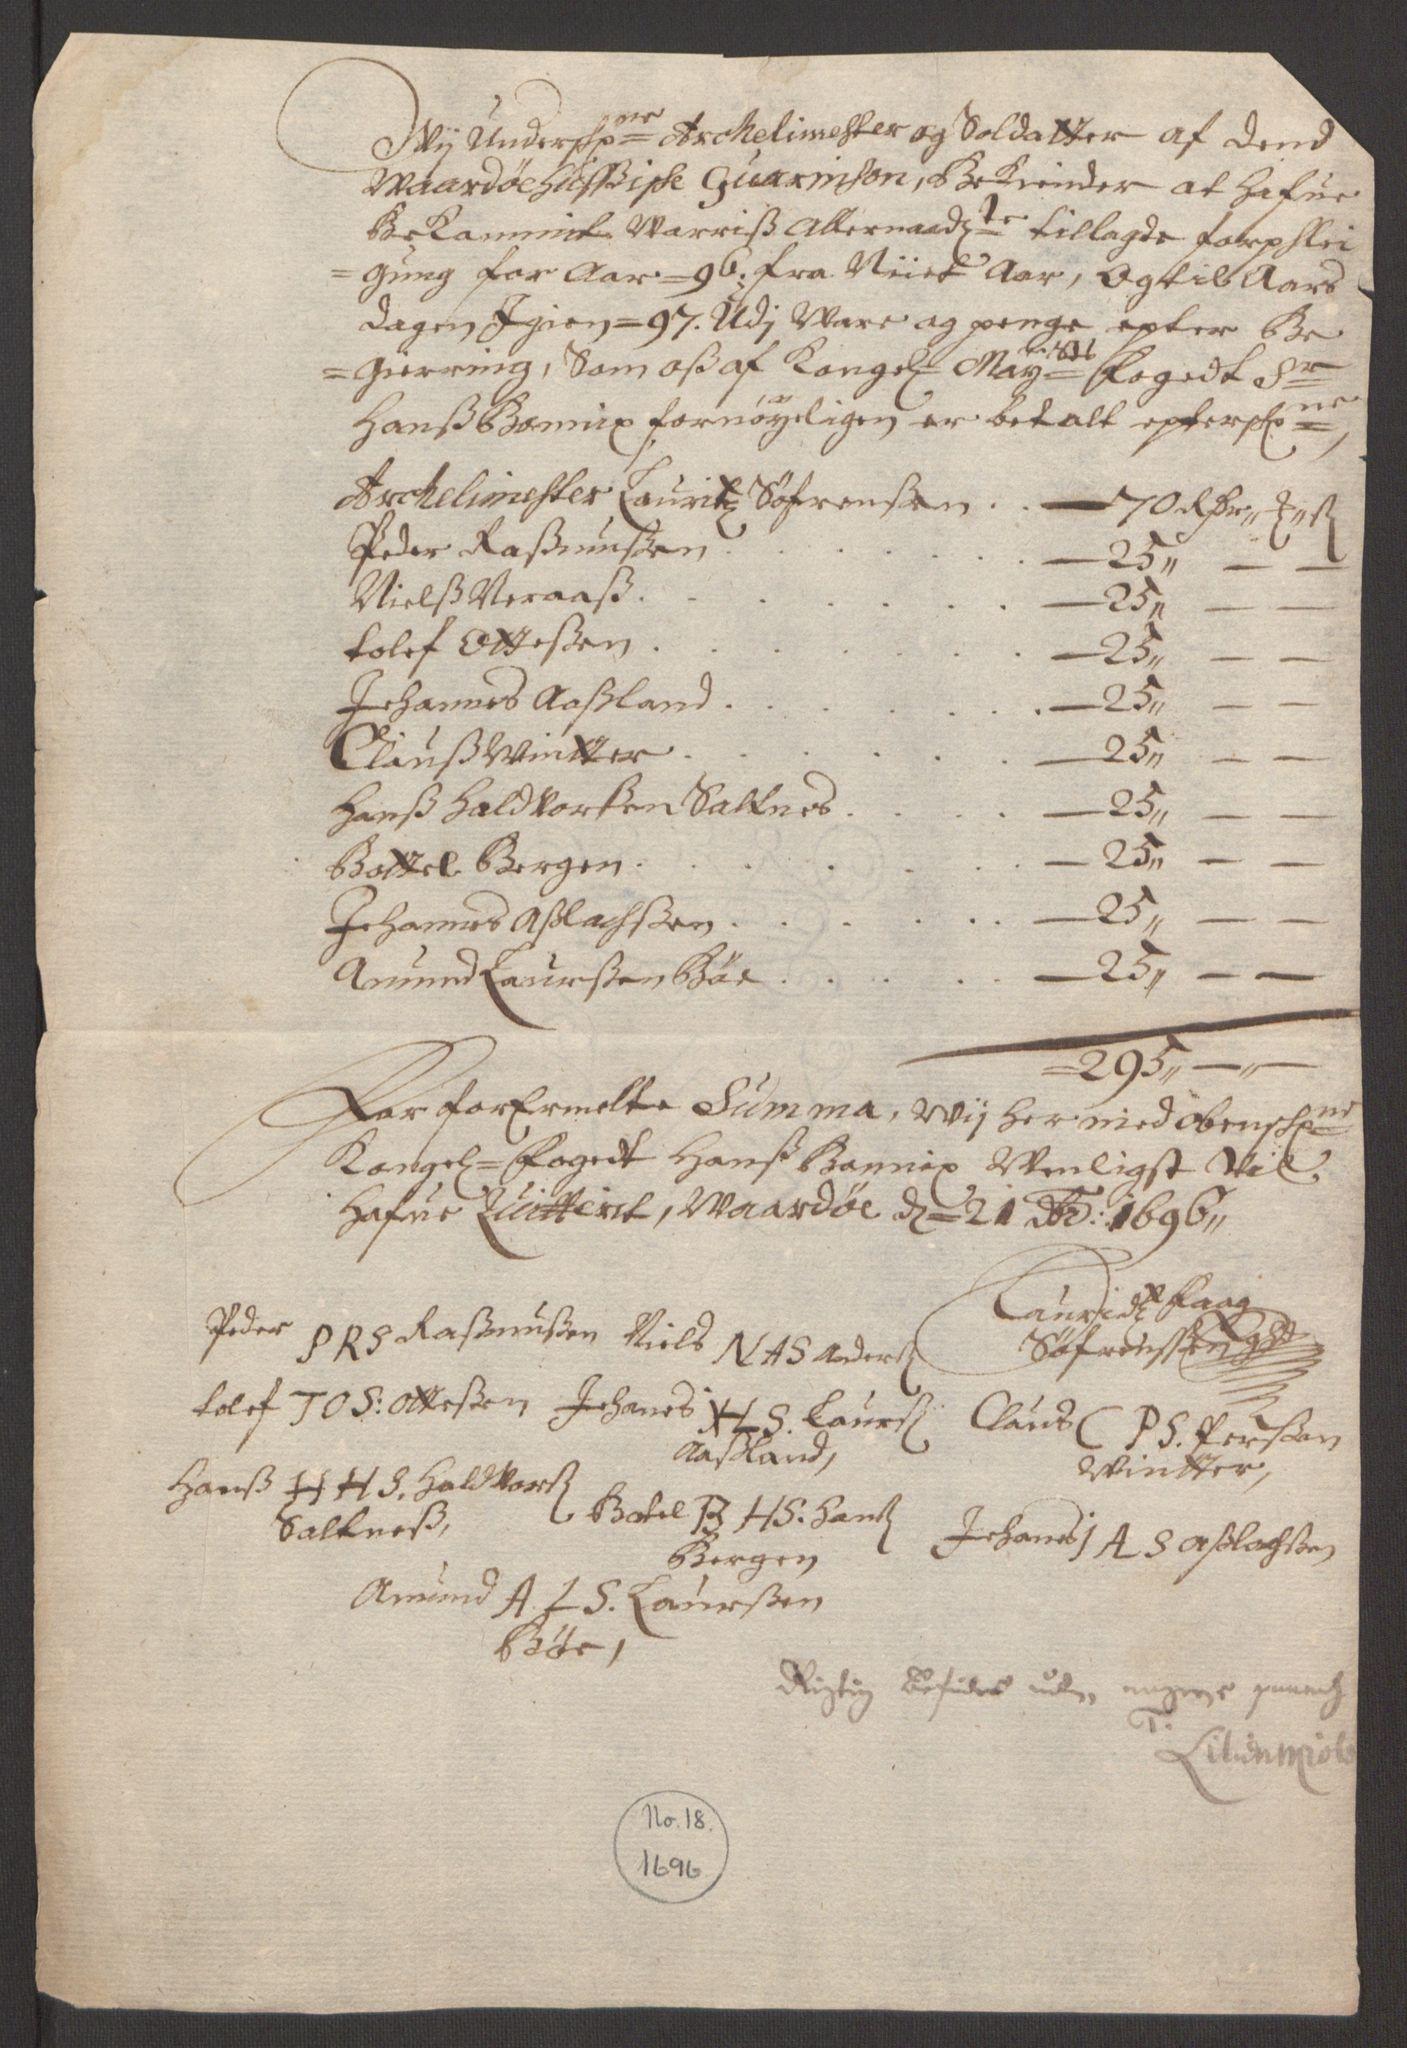 RA, Rentekammeret inntil 1814, Reviderte regnskaper, Fogderegnskap, R69/L4851: Fogderegnskap Finnmark/Vardøhus, 1691-1700, s. 292